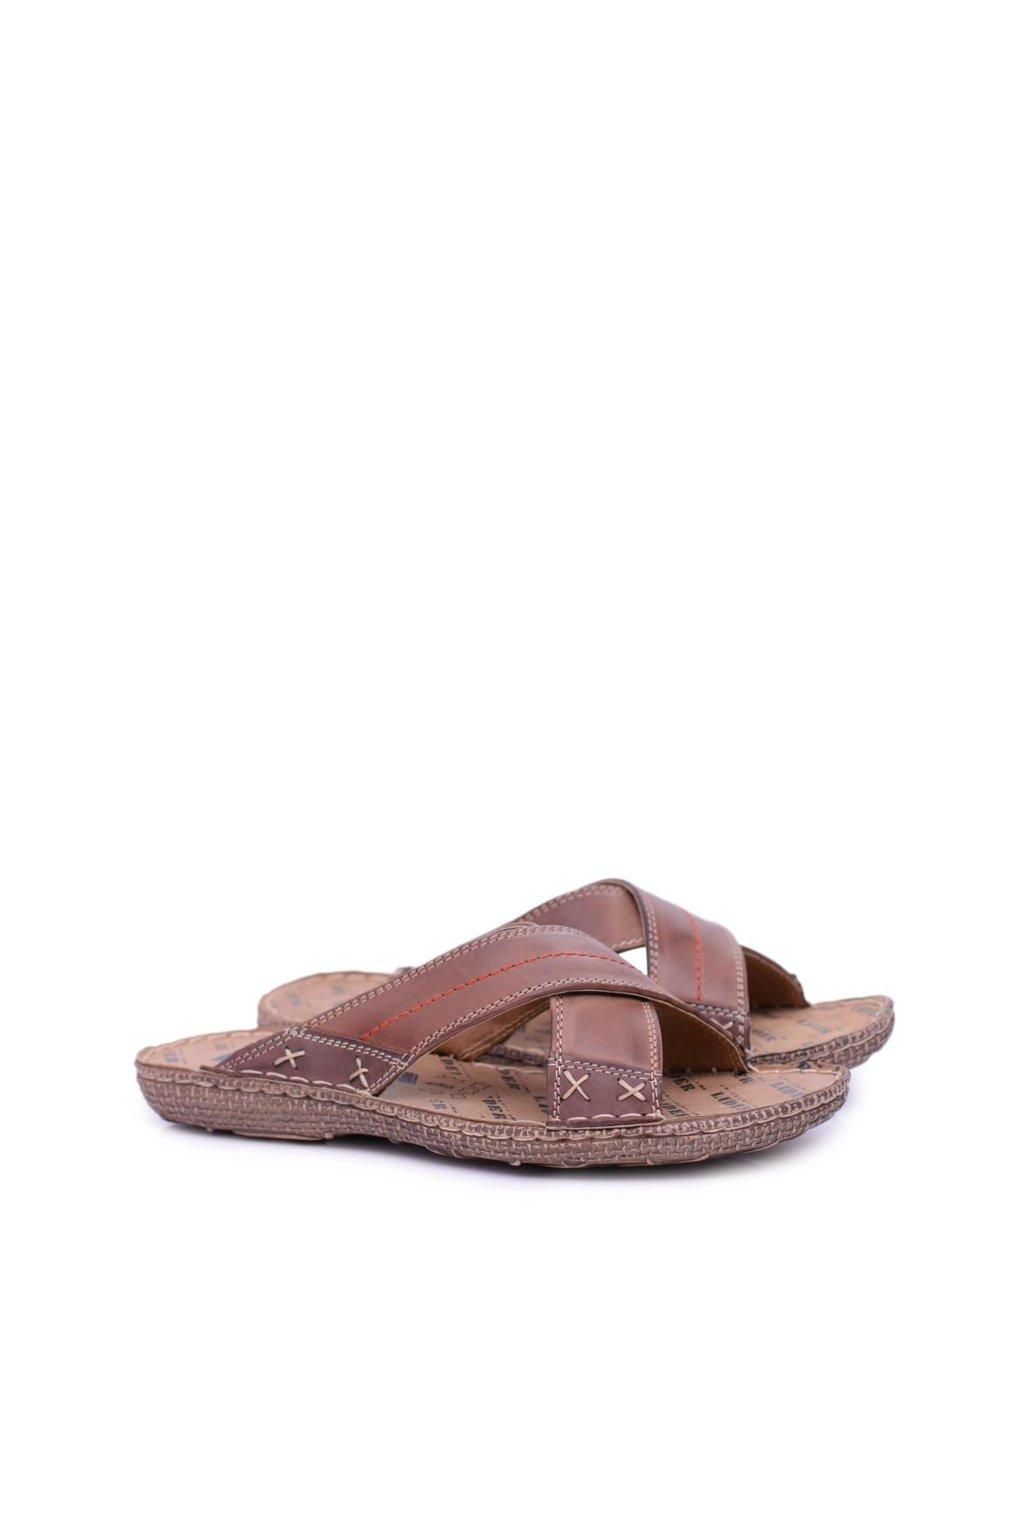 Hnedé ľahké kožené pánske papuče Okay